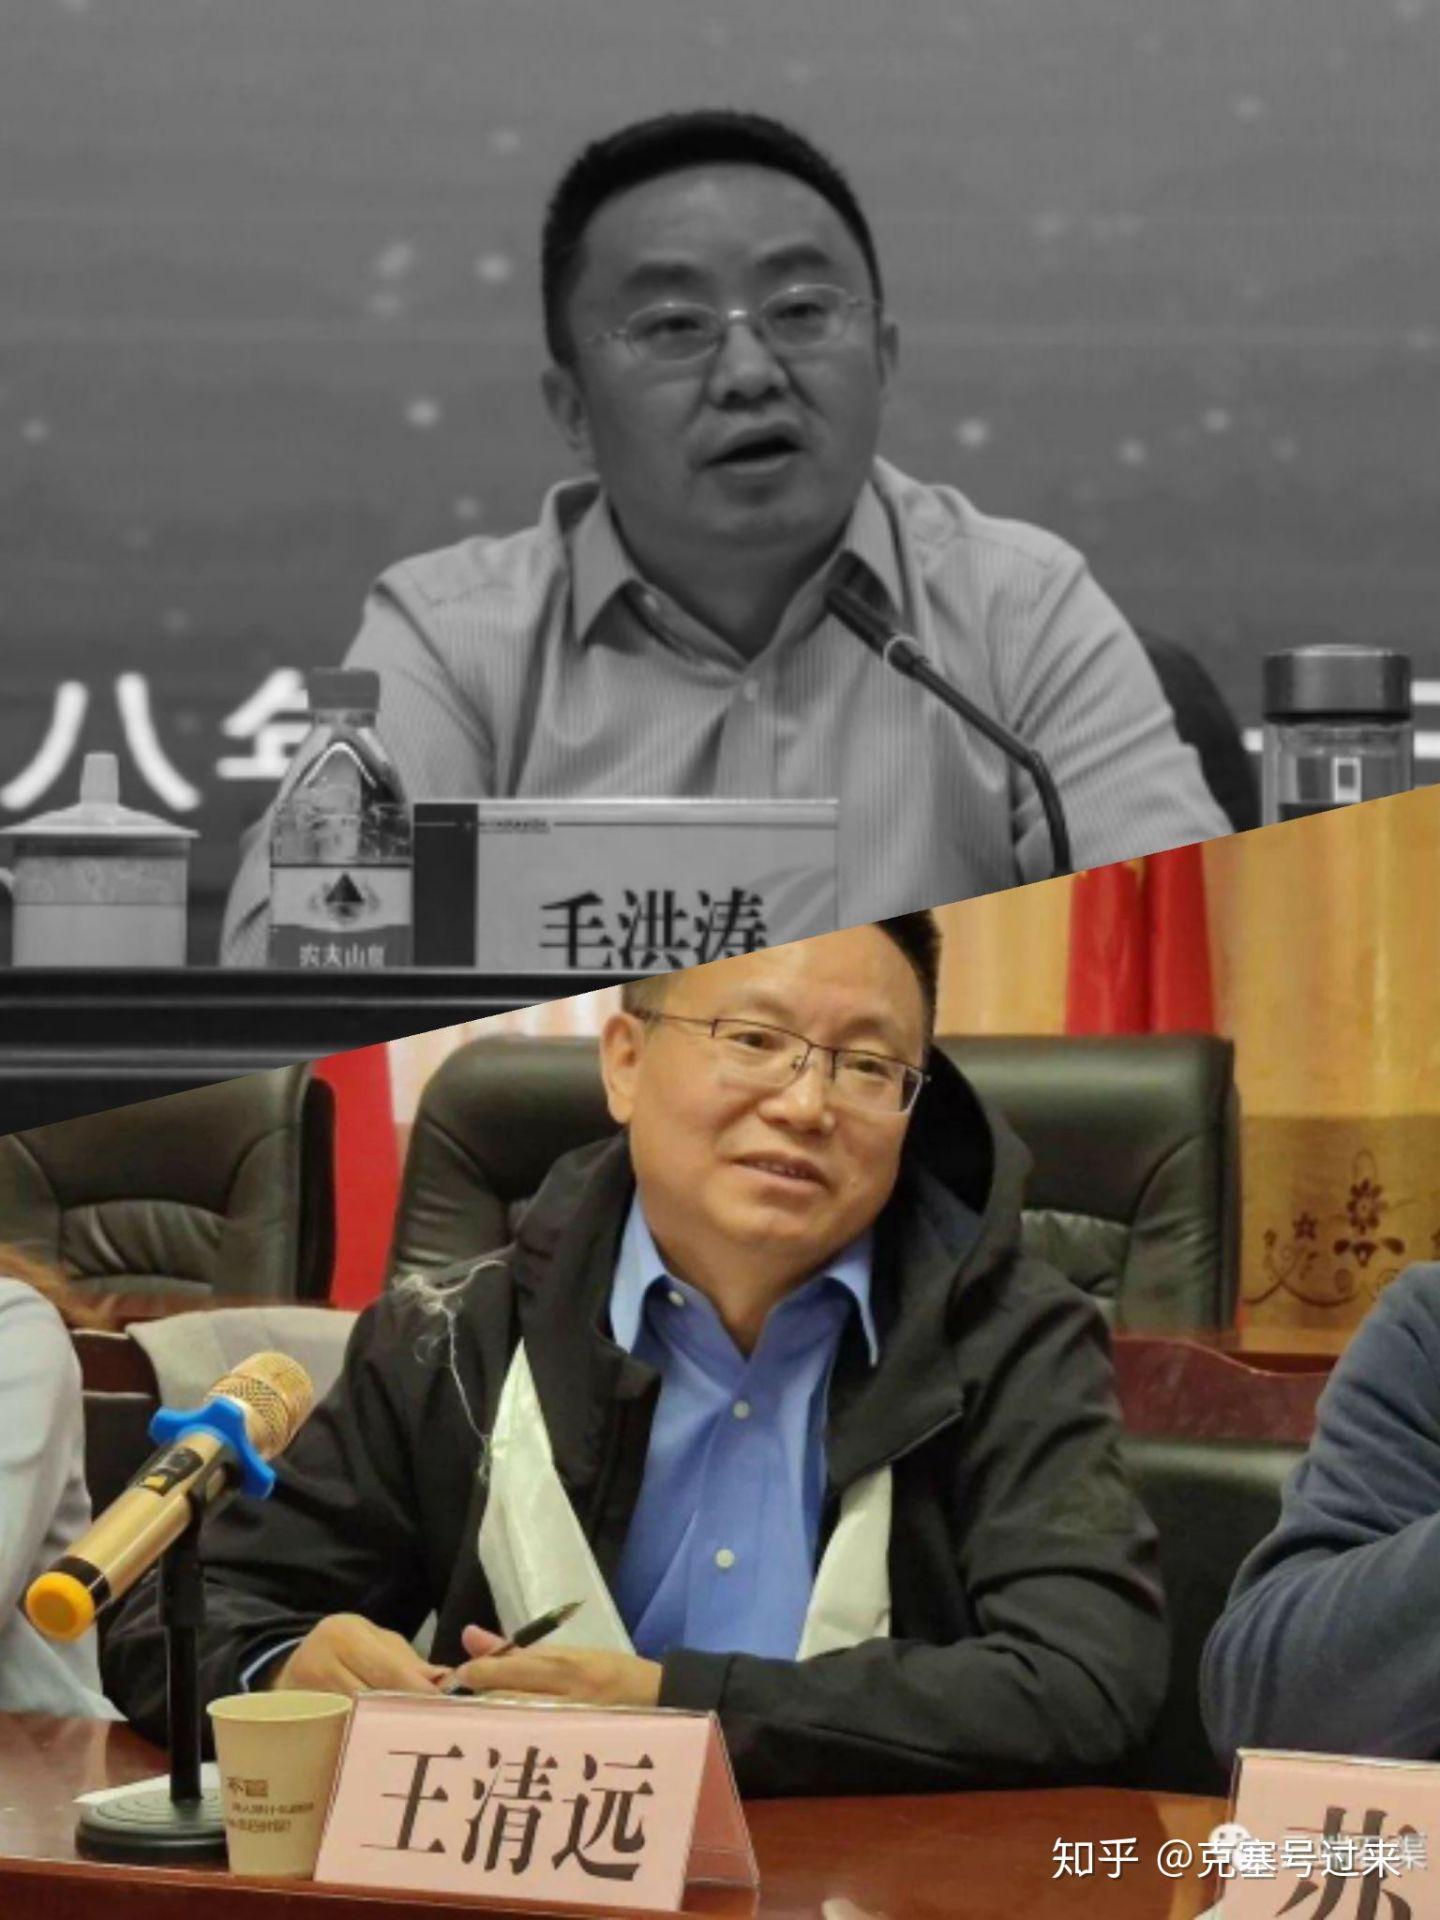 毛洪涛之死引发网络大争论:党委书记与校长谁大?